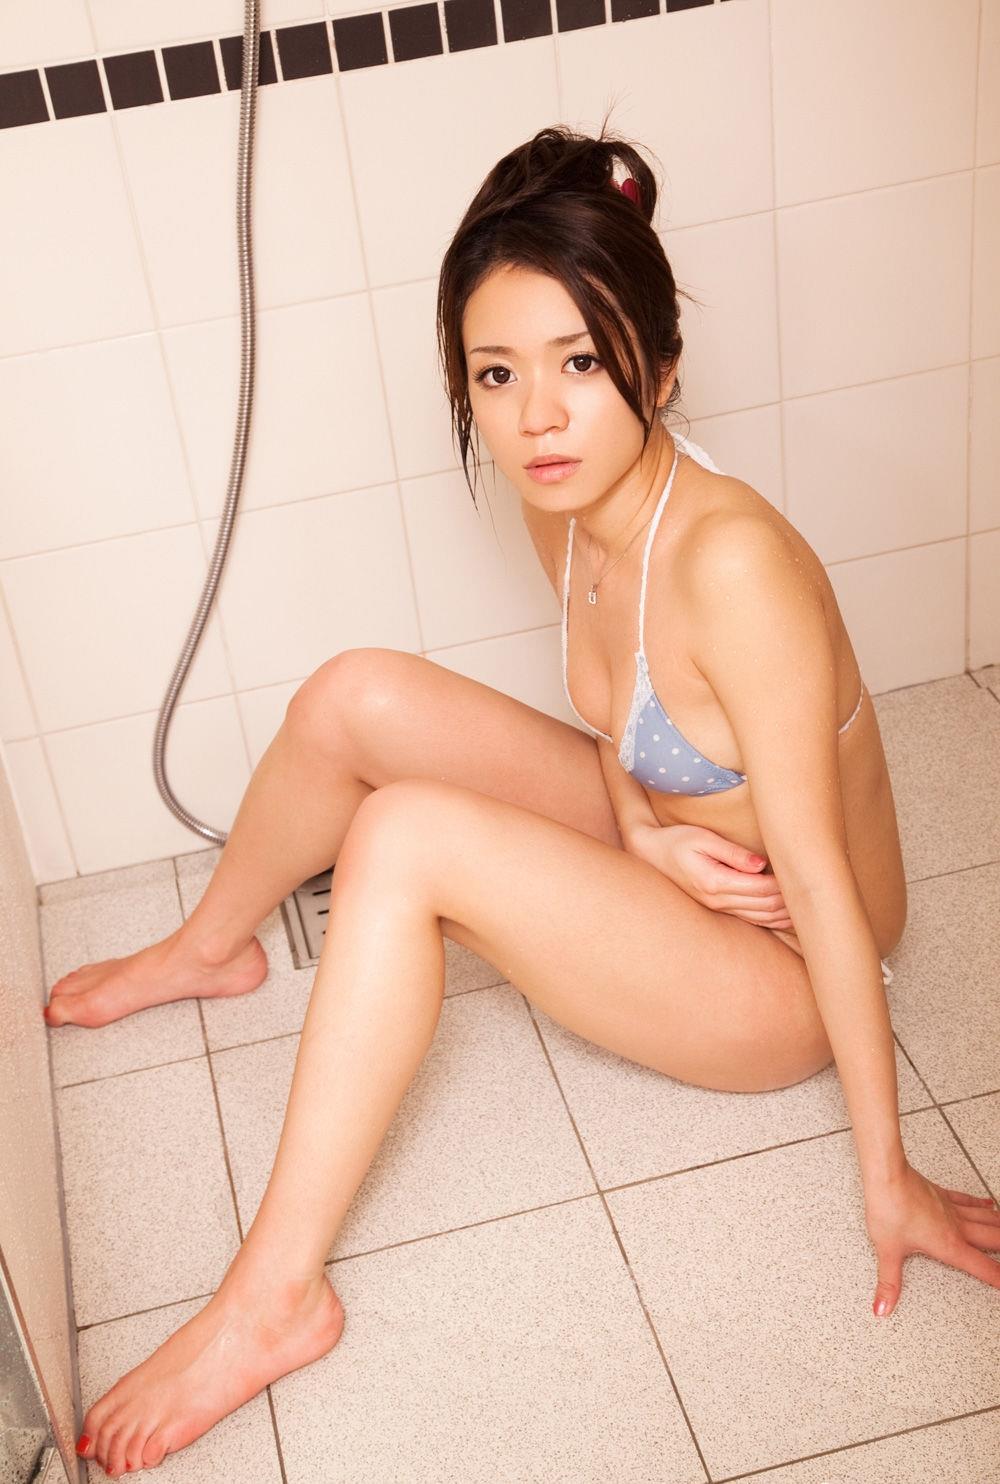 藤井シェリー(Shelly) 画像 95